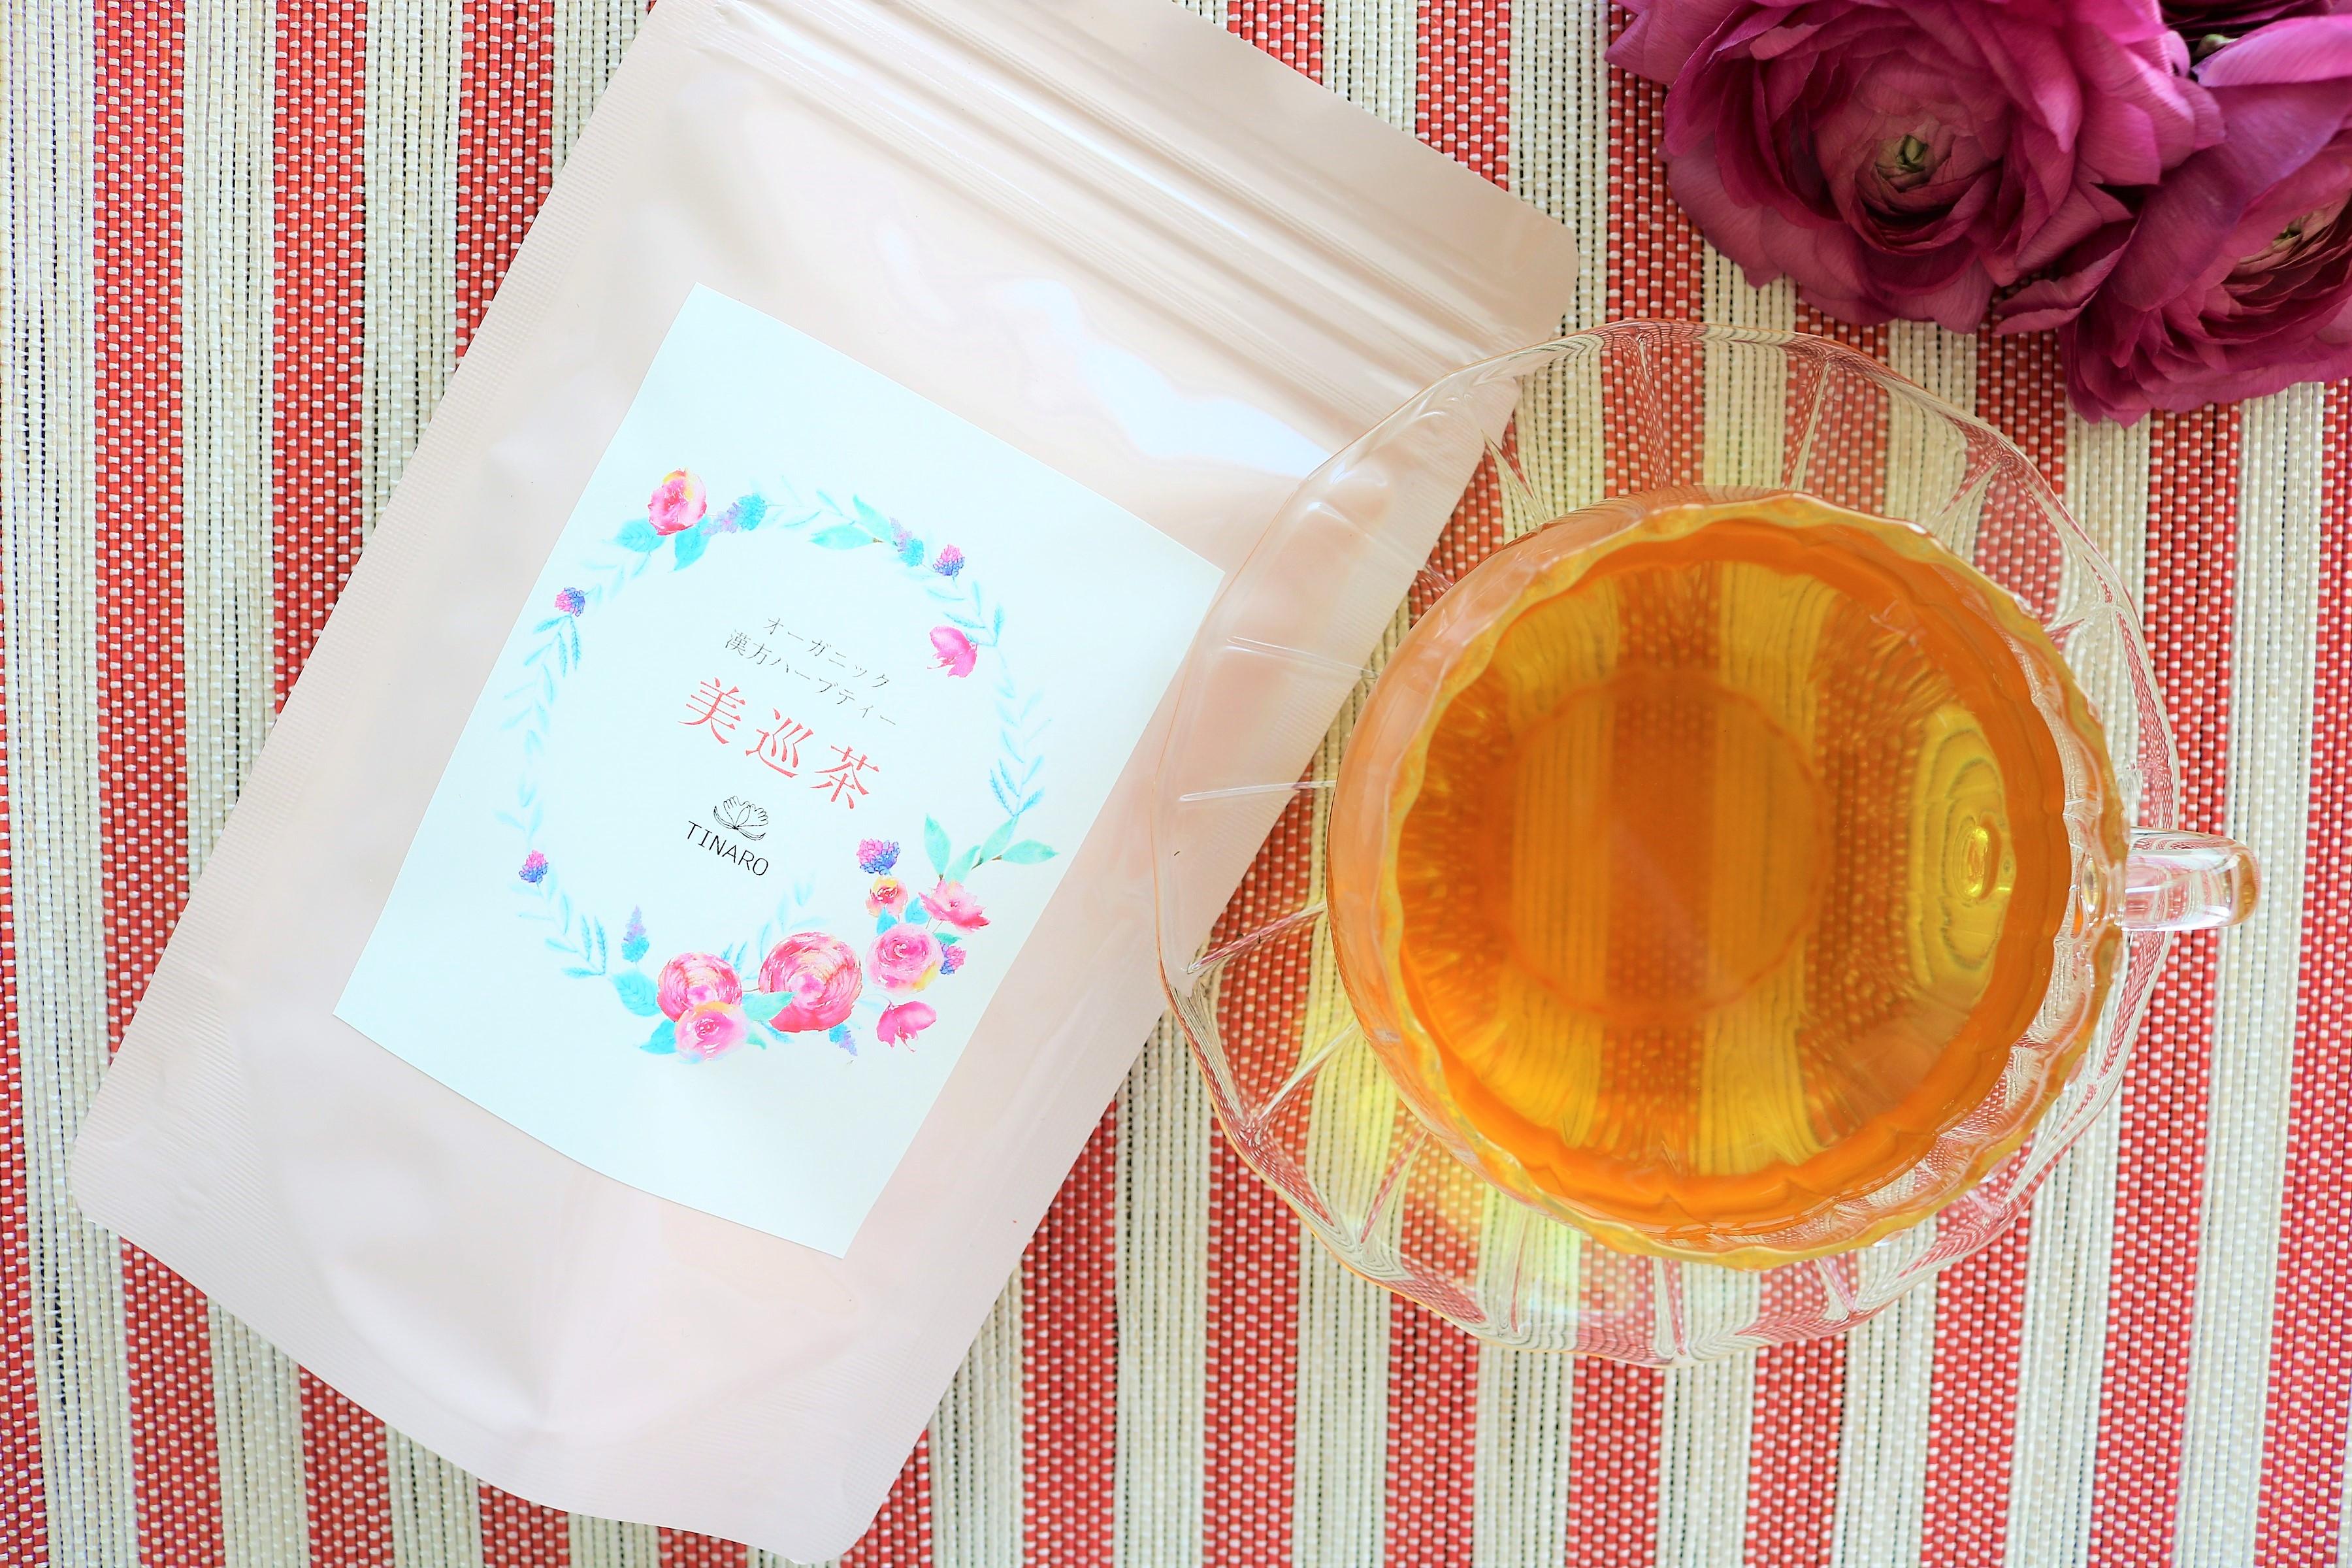 【定期購入15%OFF】美巡茶(オーガニック漢方ハーブティー)3袋 - 送料無料